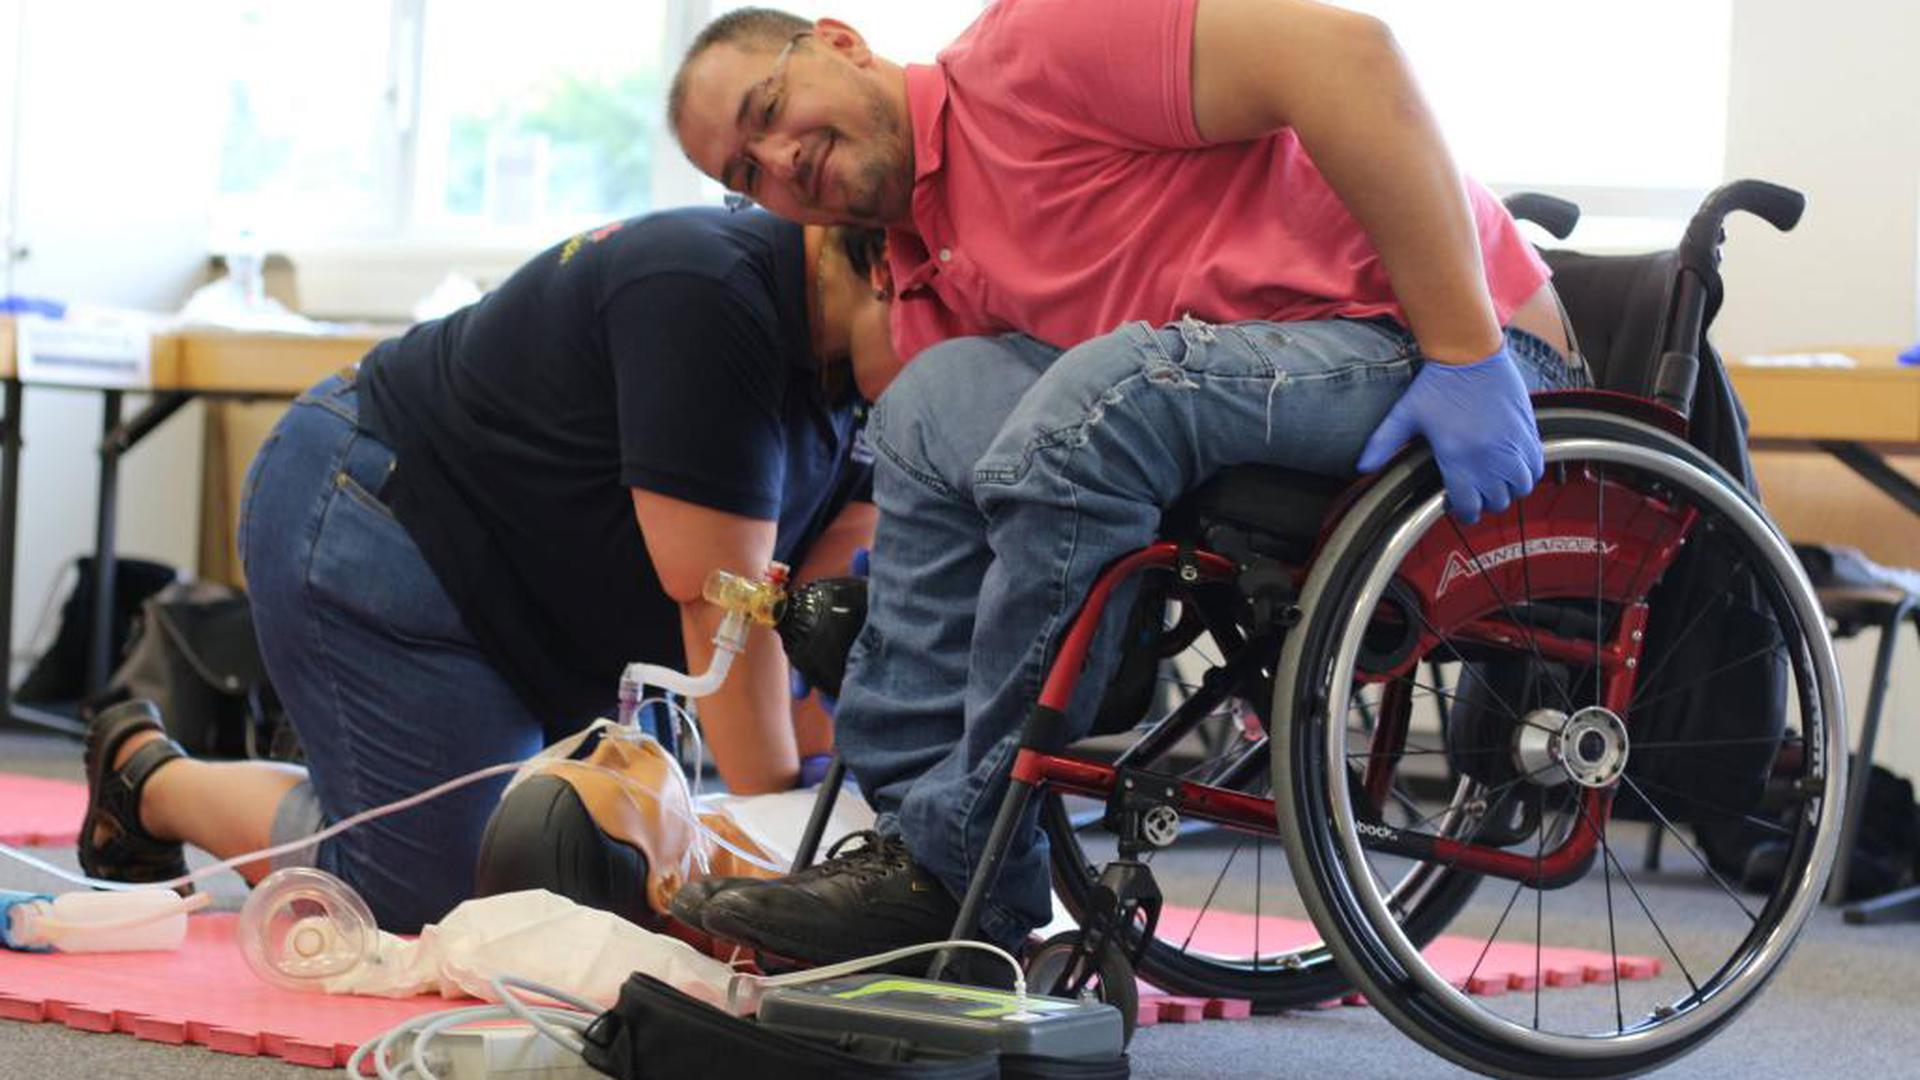 Als ehrenamtlicher Sanitäter unterstützt der querschnittsgelähmte Daniel Sanchez die Rettungskräfte. Seine Ausbildung absolvierte er beim DRK.